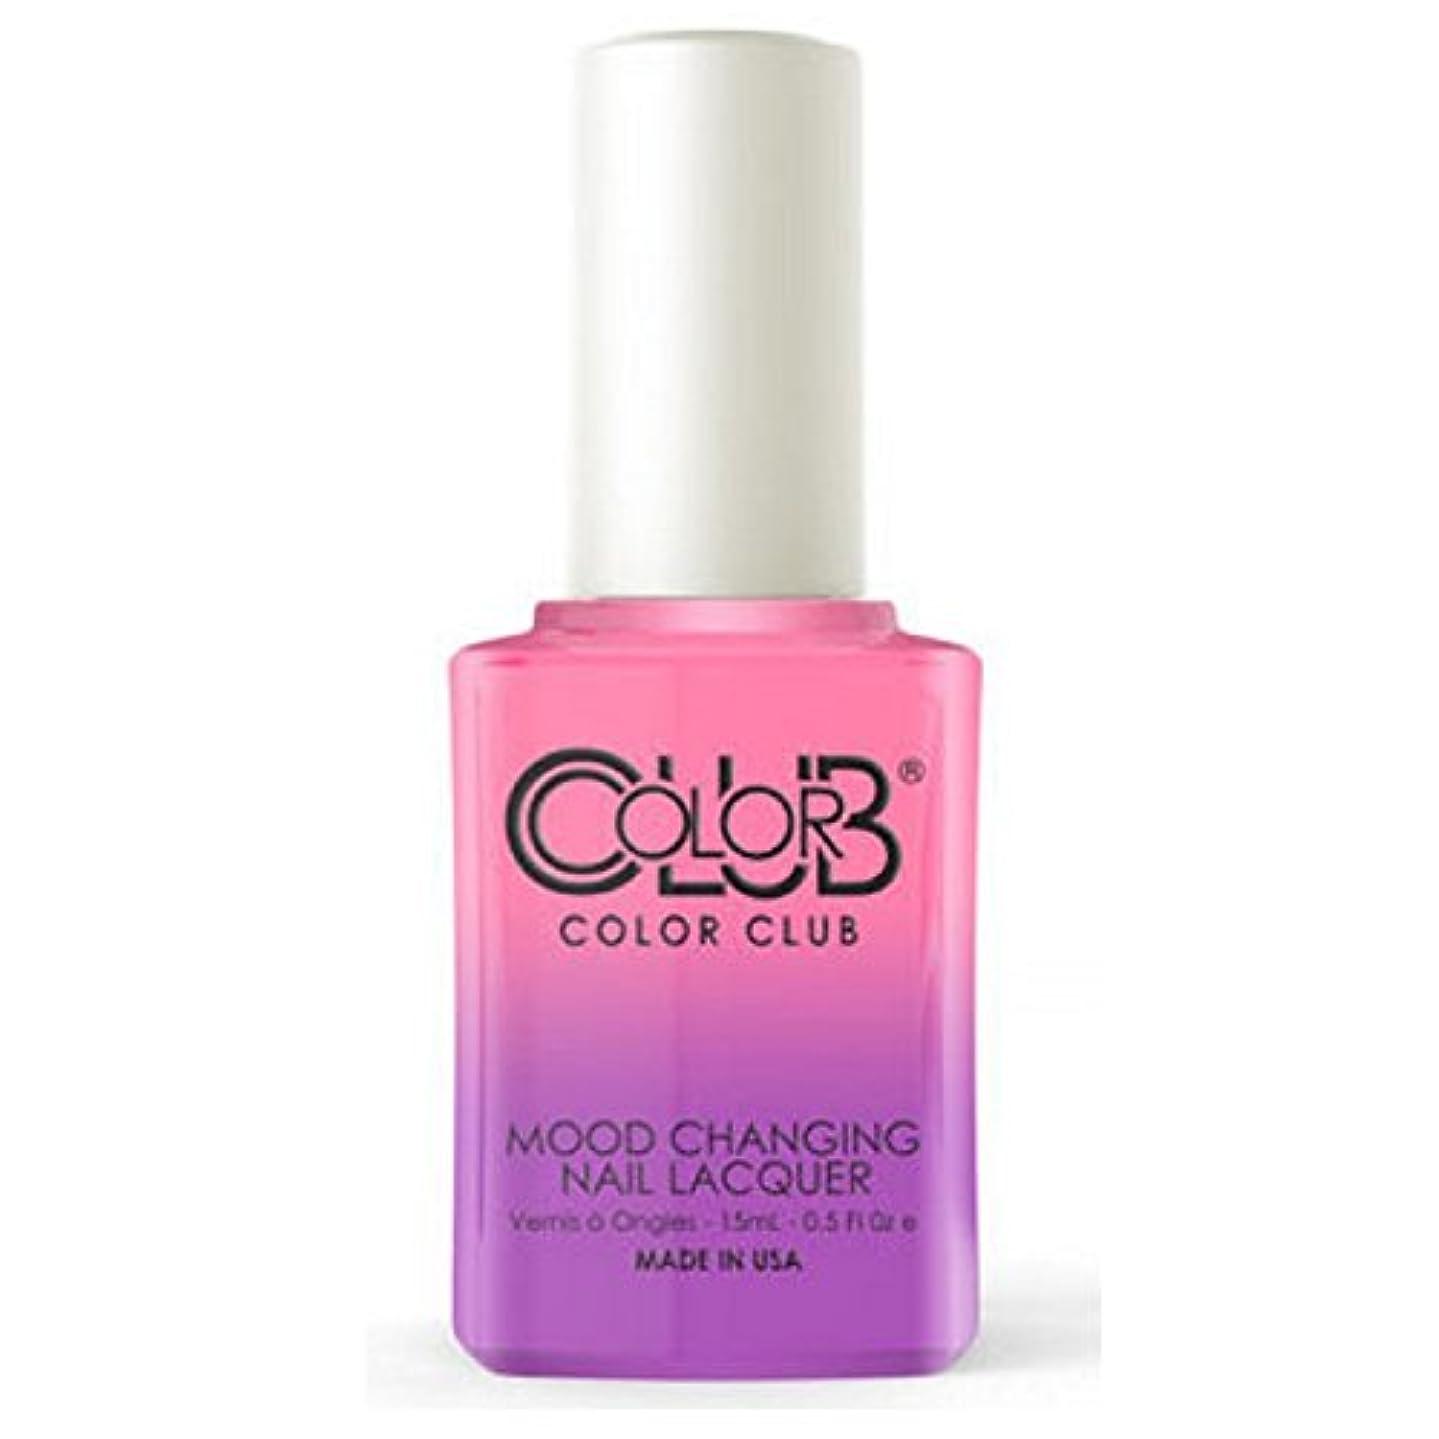 鳴り響く乳剤リールColor Club Mood Changing Nail Lacquer - Feelin' Myself - 15 mL / 0.5 fl oz